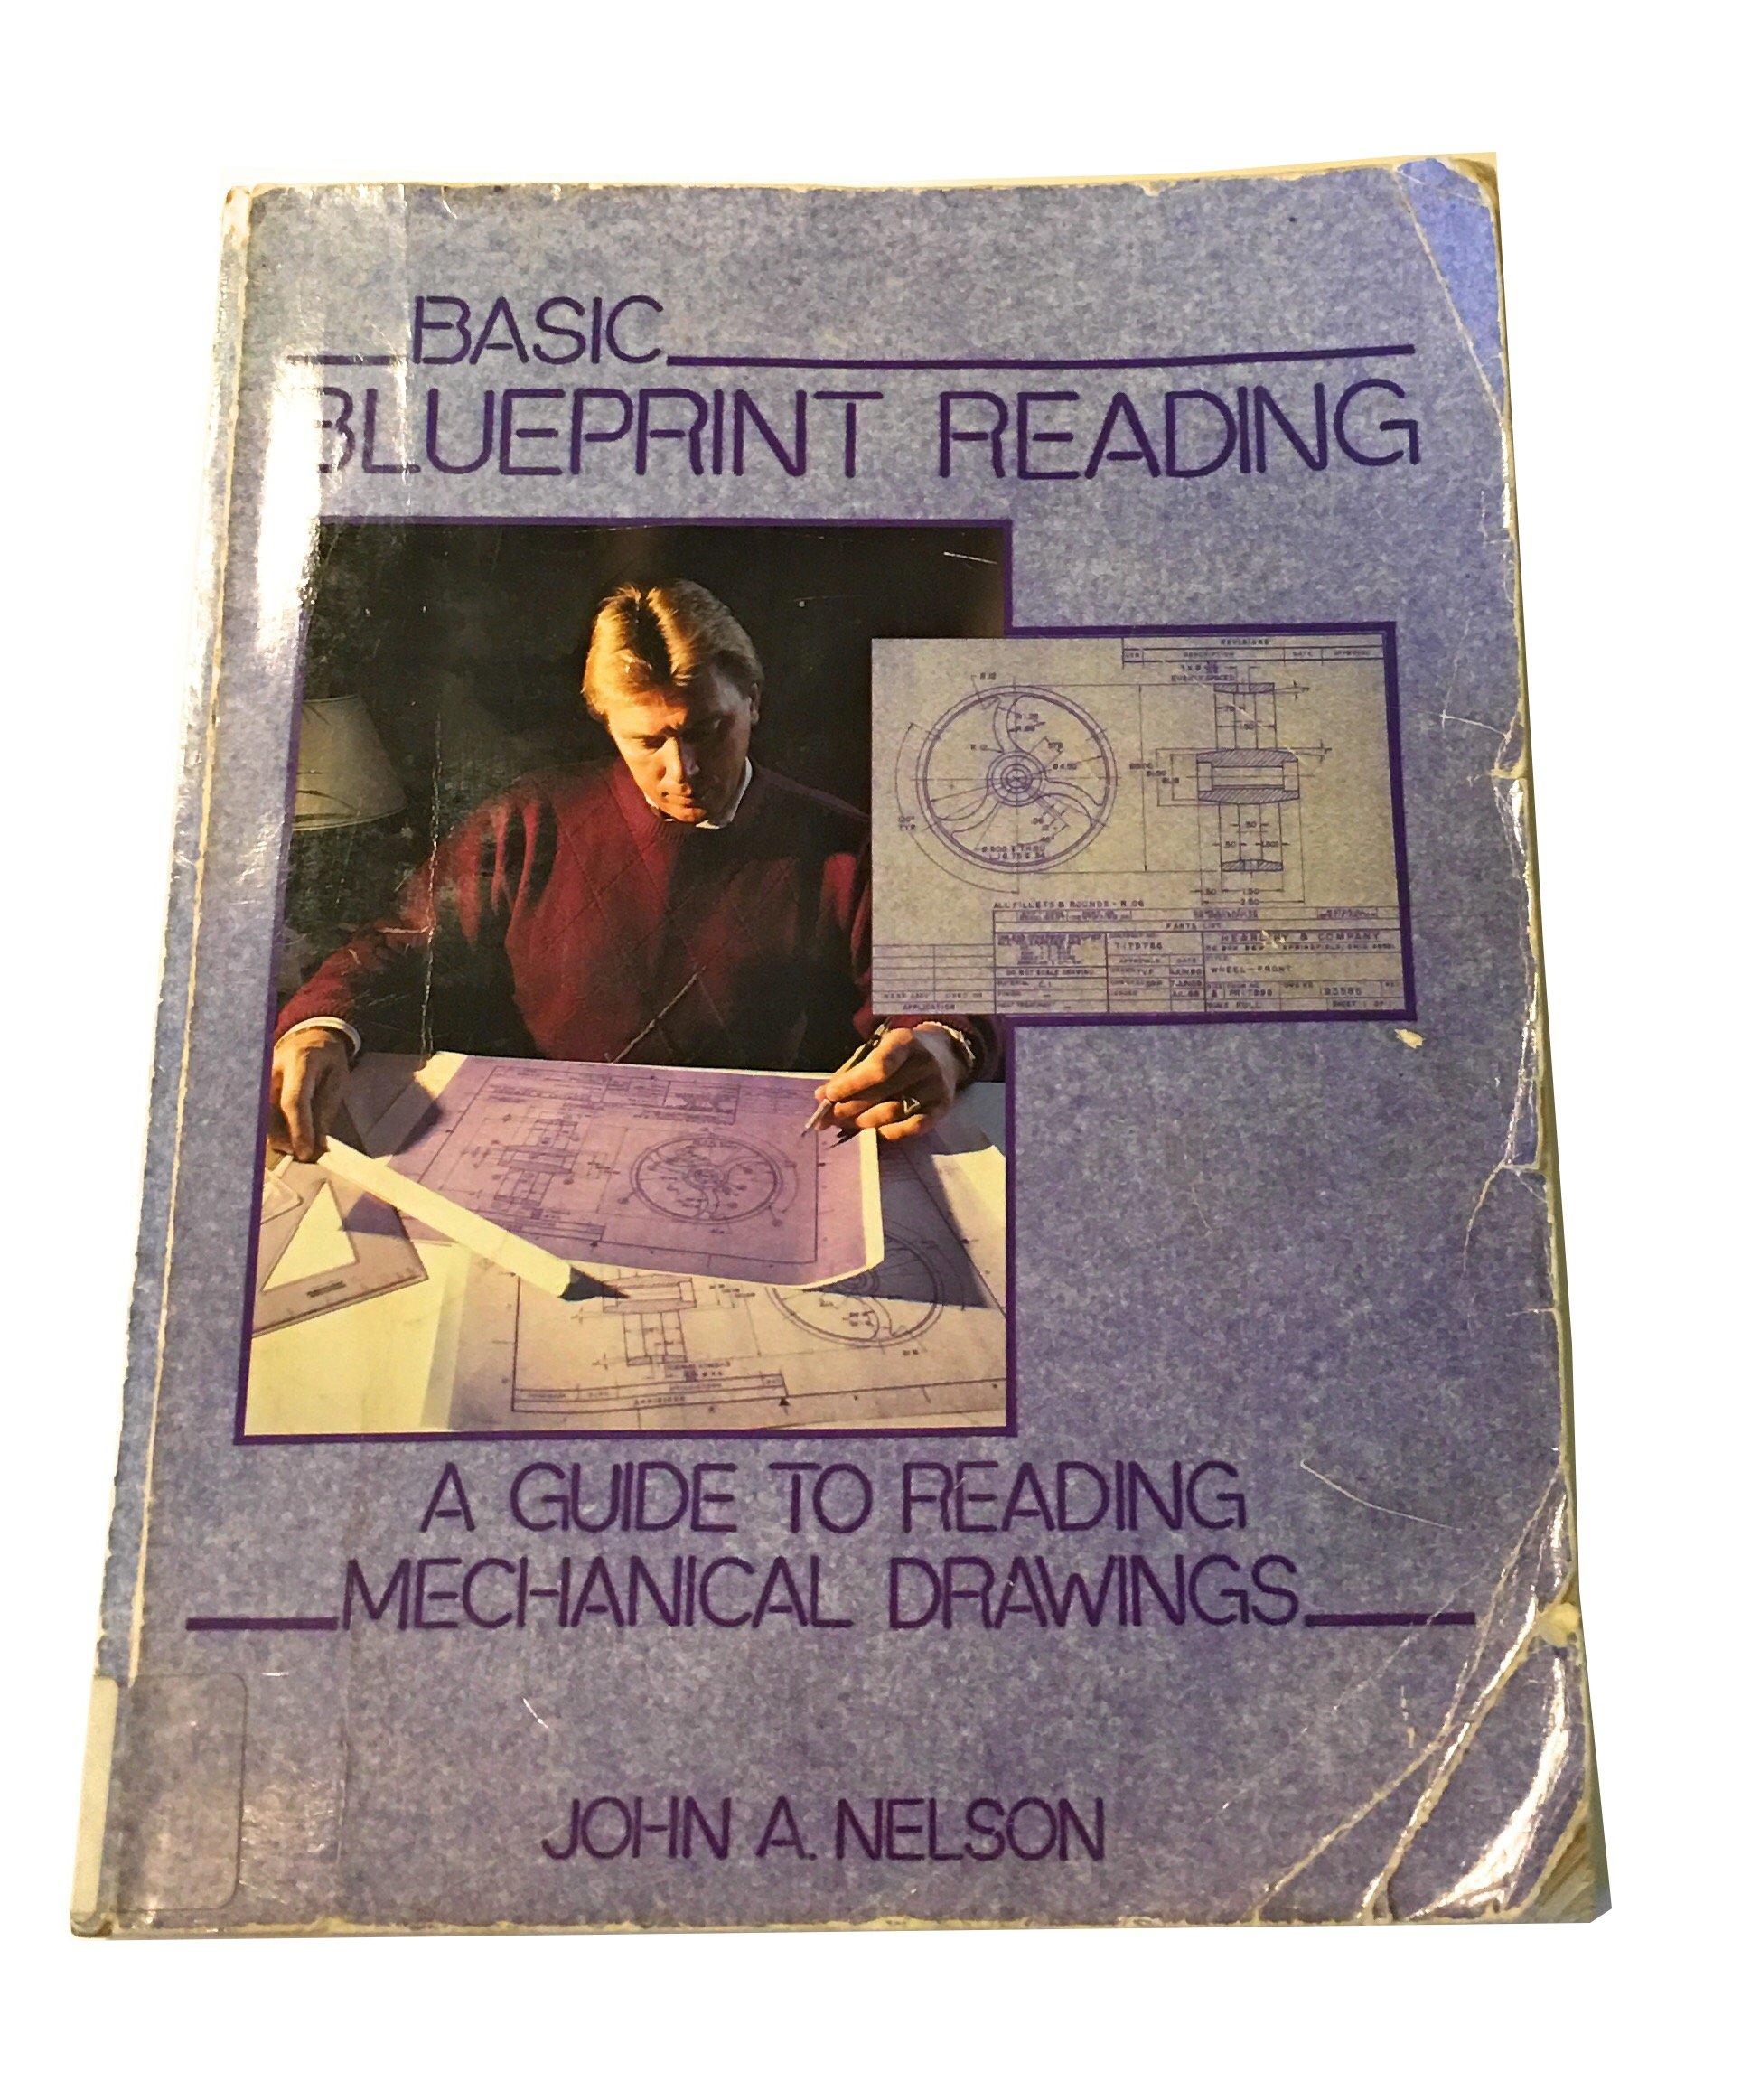 Basic blueprint reading j nelson 9780830632732 amazon books malvernweather Choice Image